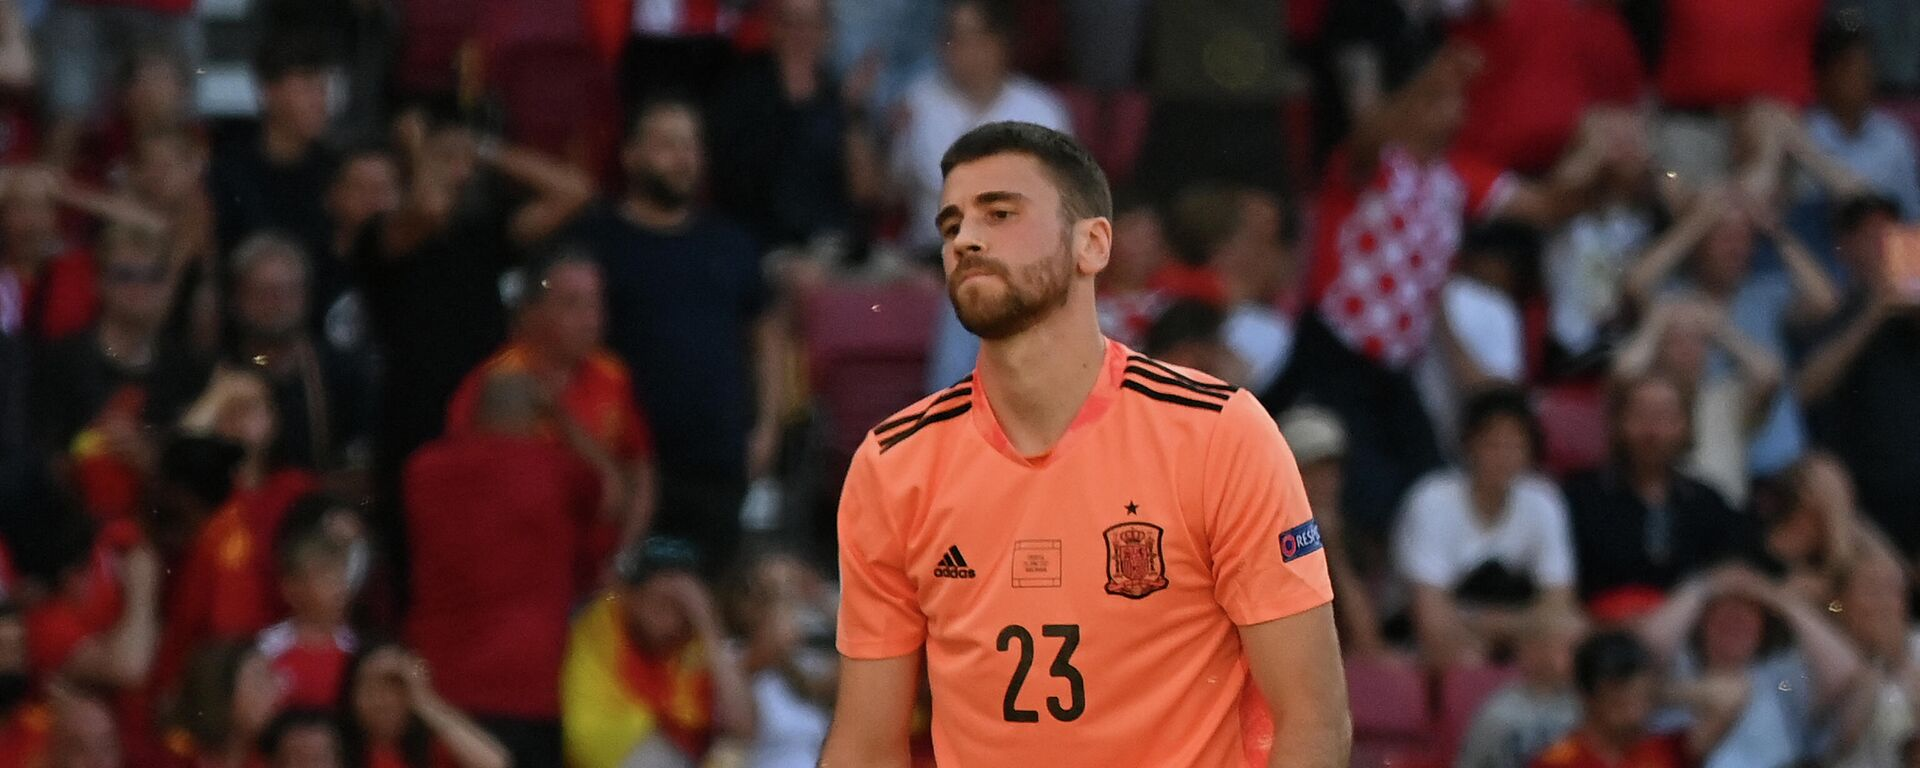 El portero de España, Unai Simón, durante el partido contra Croacia en la Eurocopa de 2021 - Sputnik Mundo, 1920, 28.06.2021